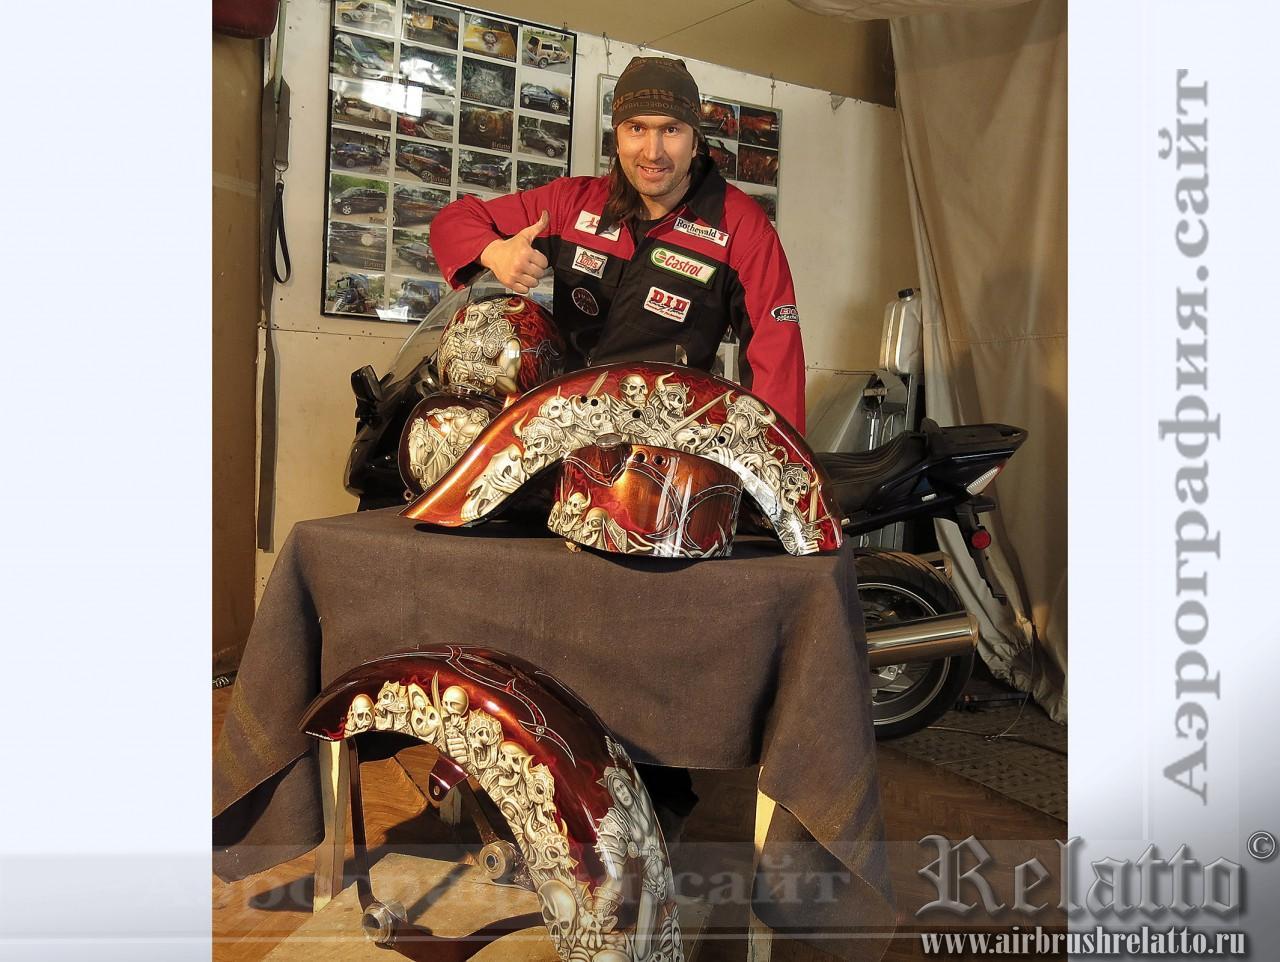 разрисовка шлема Harley Davidson Варвар